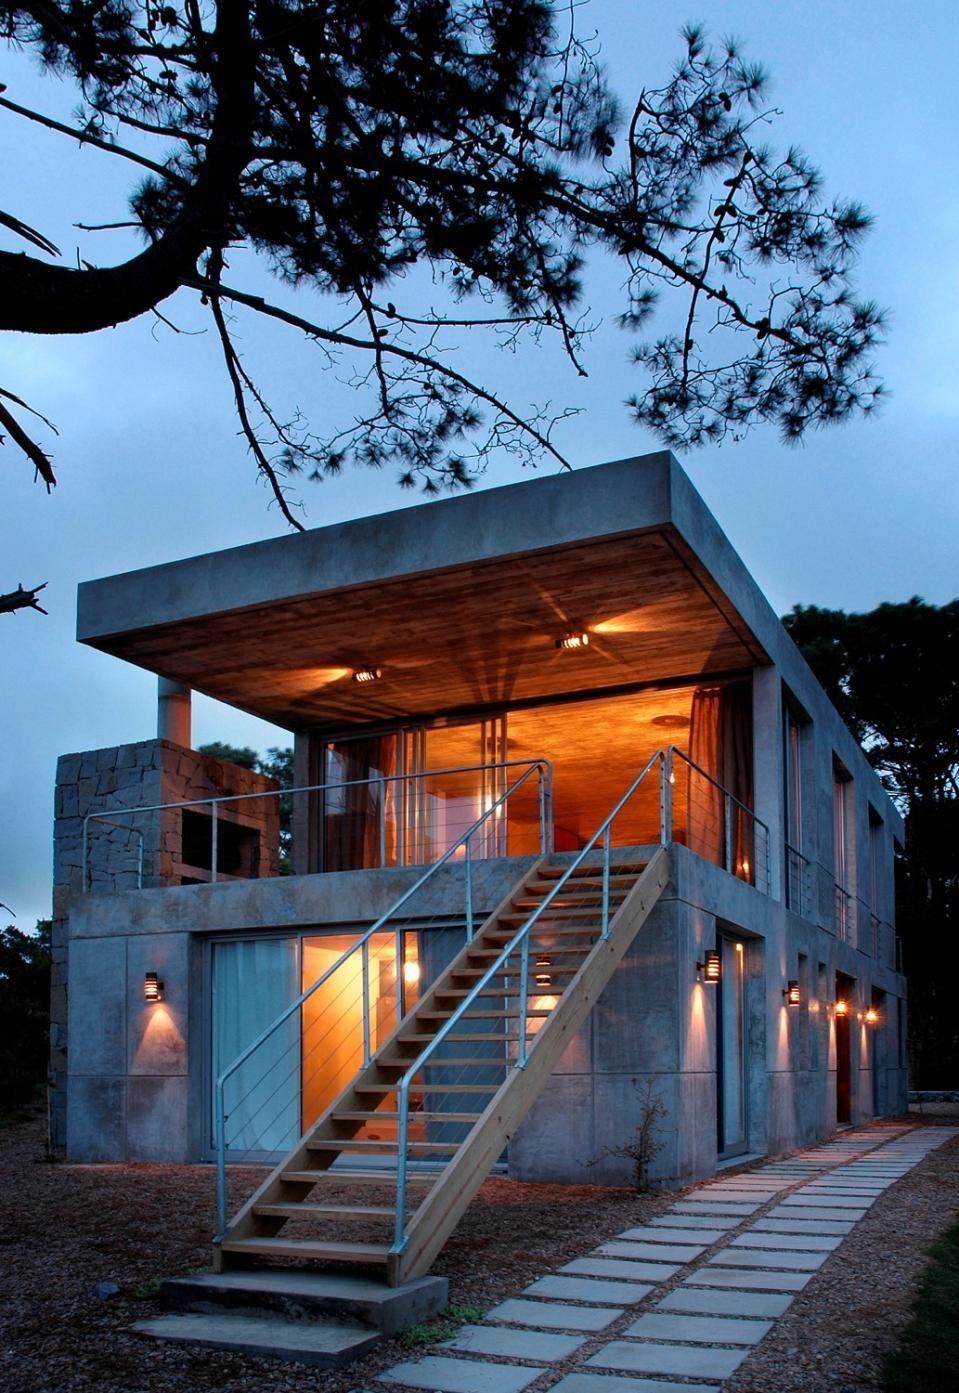 Pin De Mike Hammond Em Architecture Arquitetura Plantas De Bangalo Casas